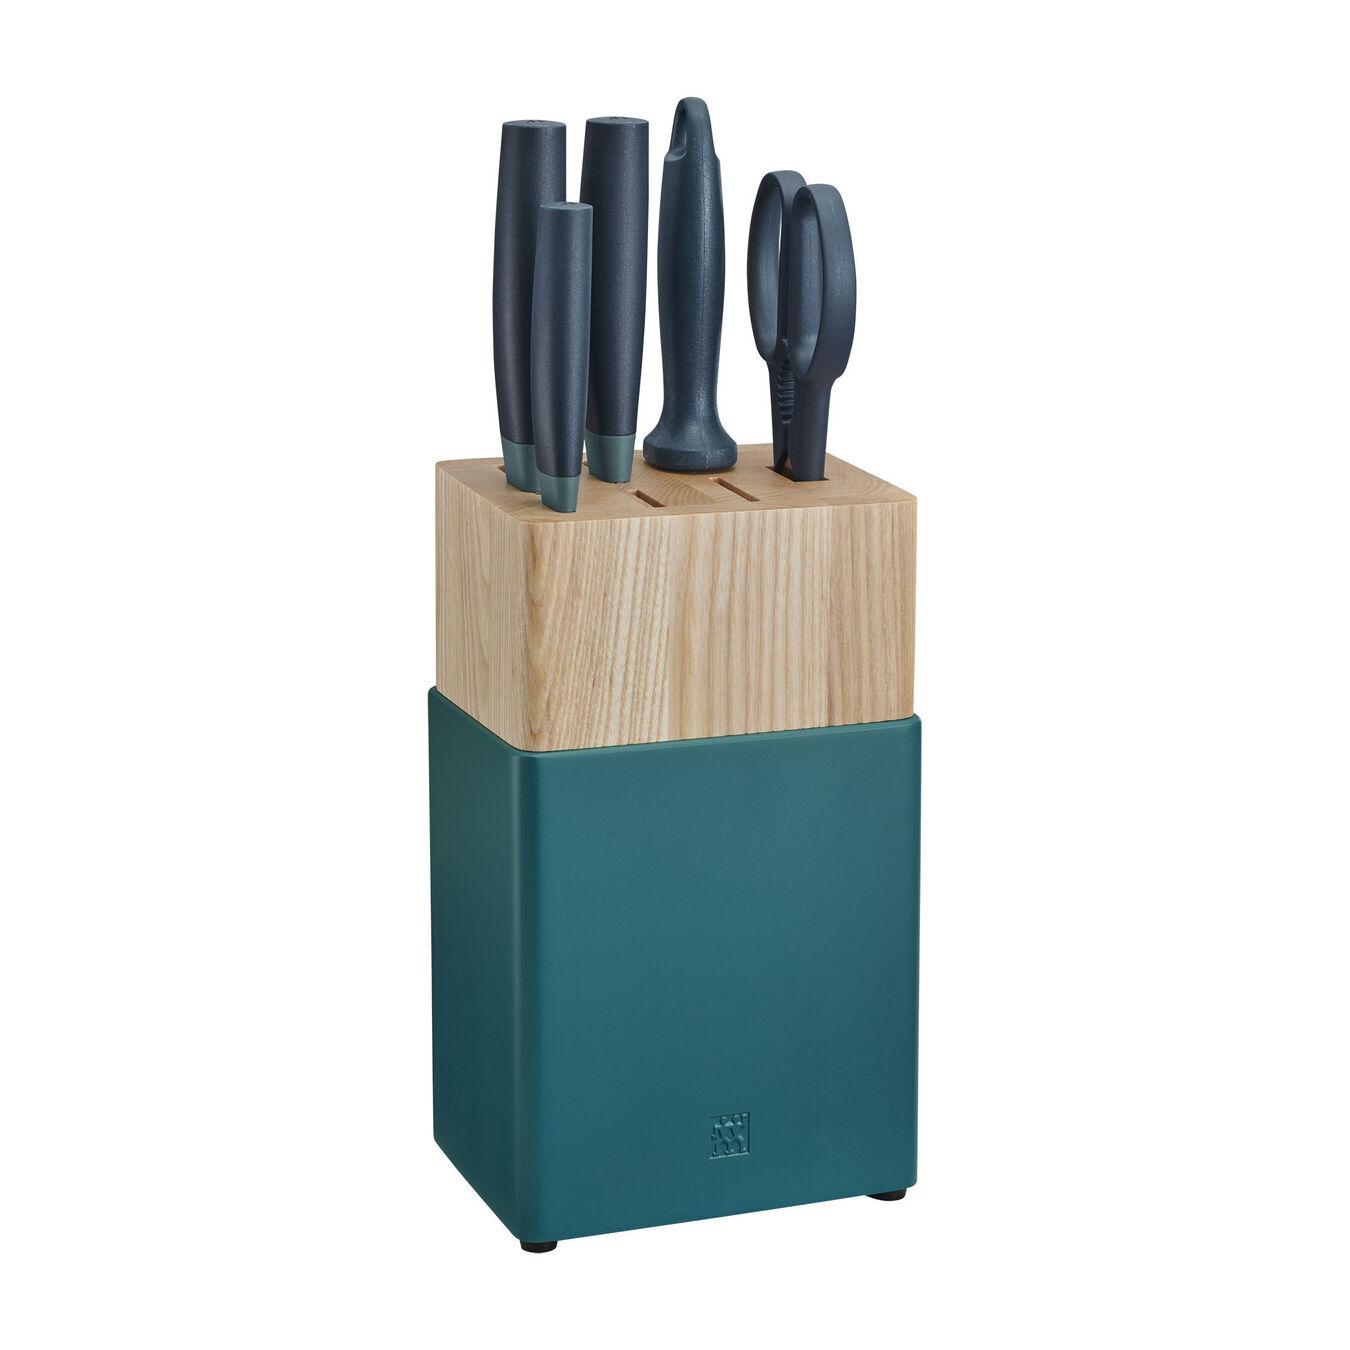 6-pc Knife Block Set - Blueberry Blue,,large 1